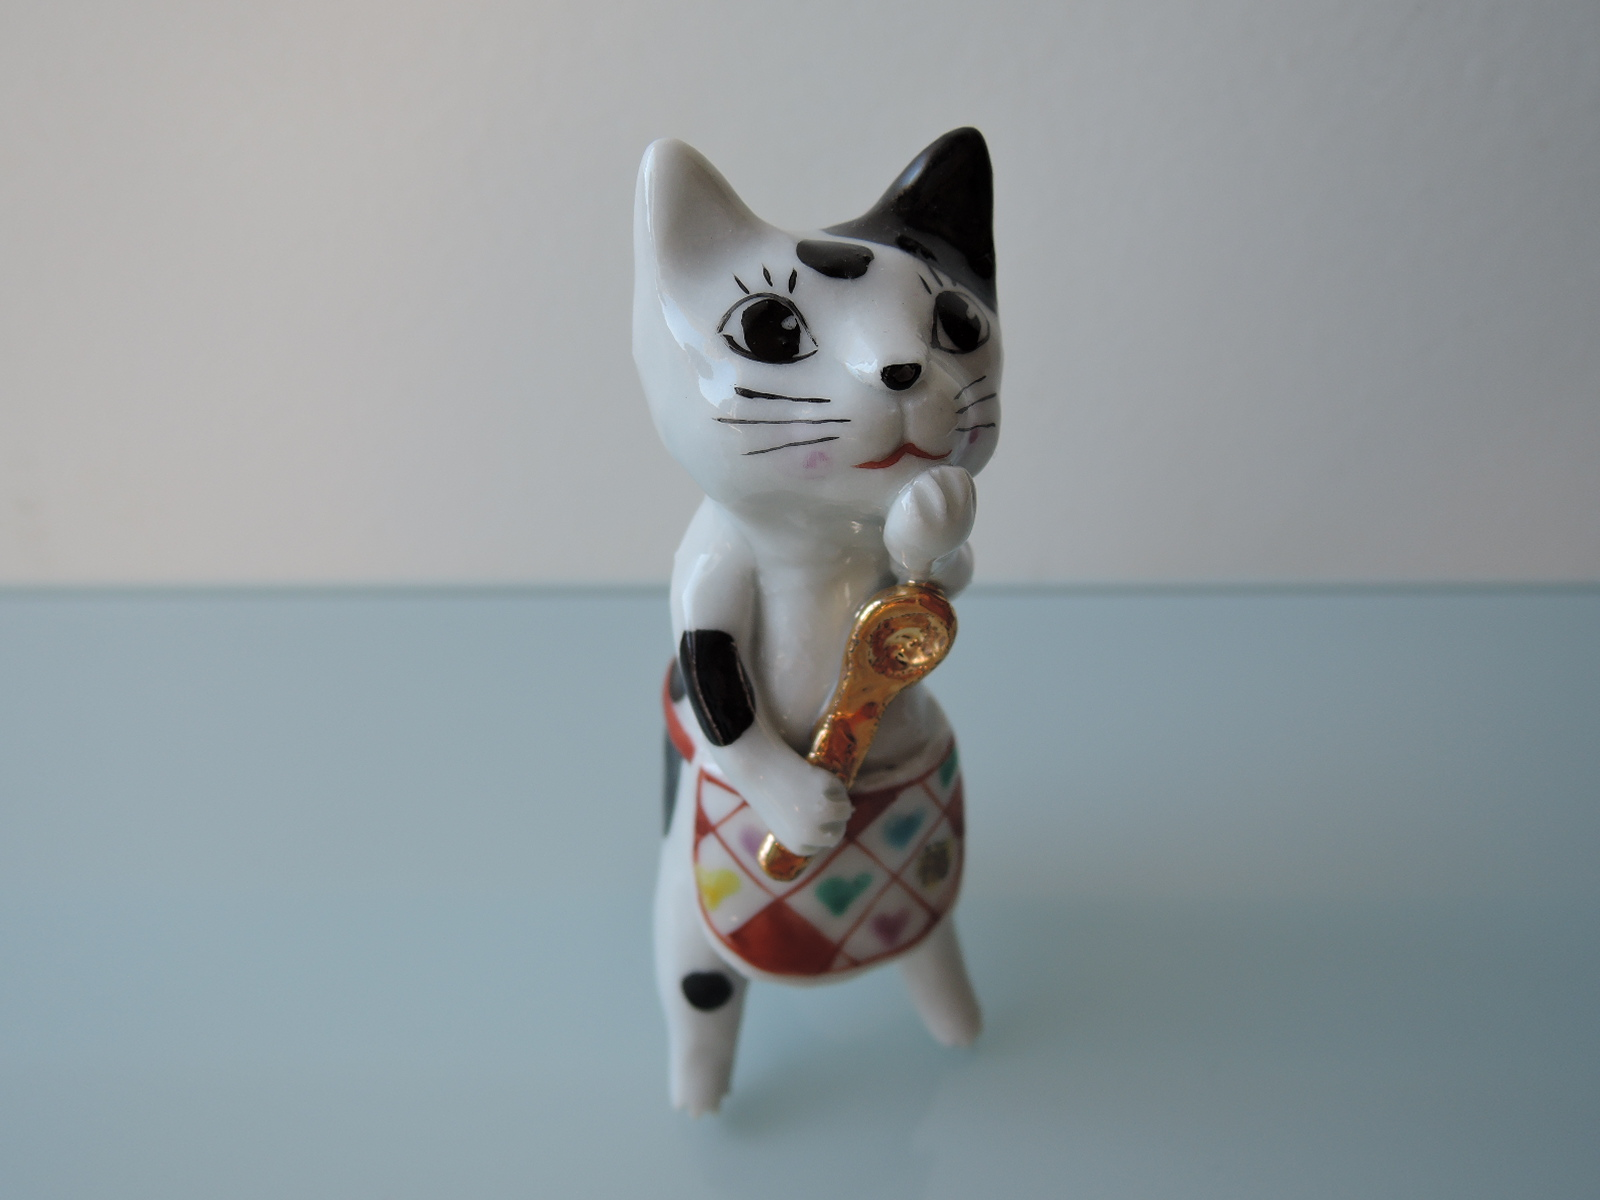 東早苗(九谷さなぼ・九谷早房)さんの猫のオブジェ